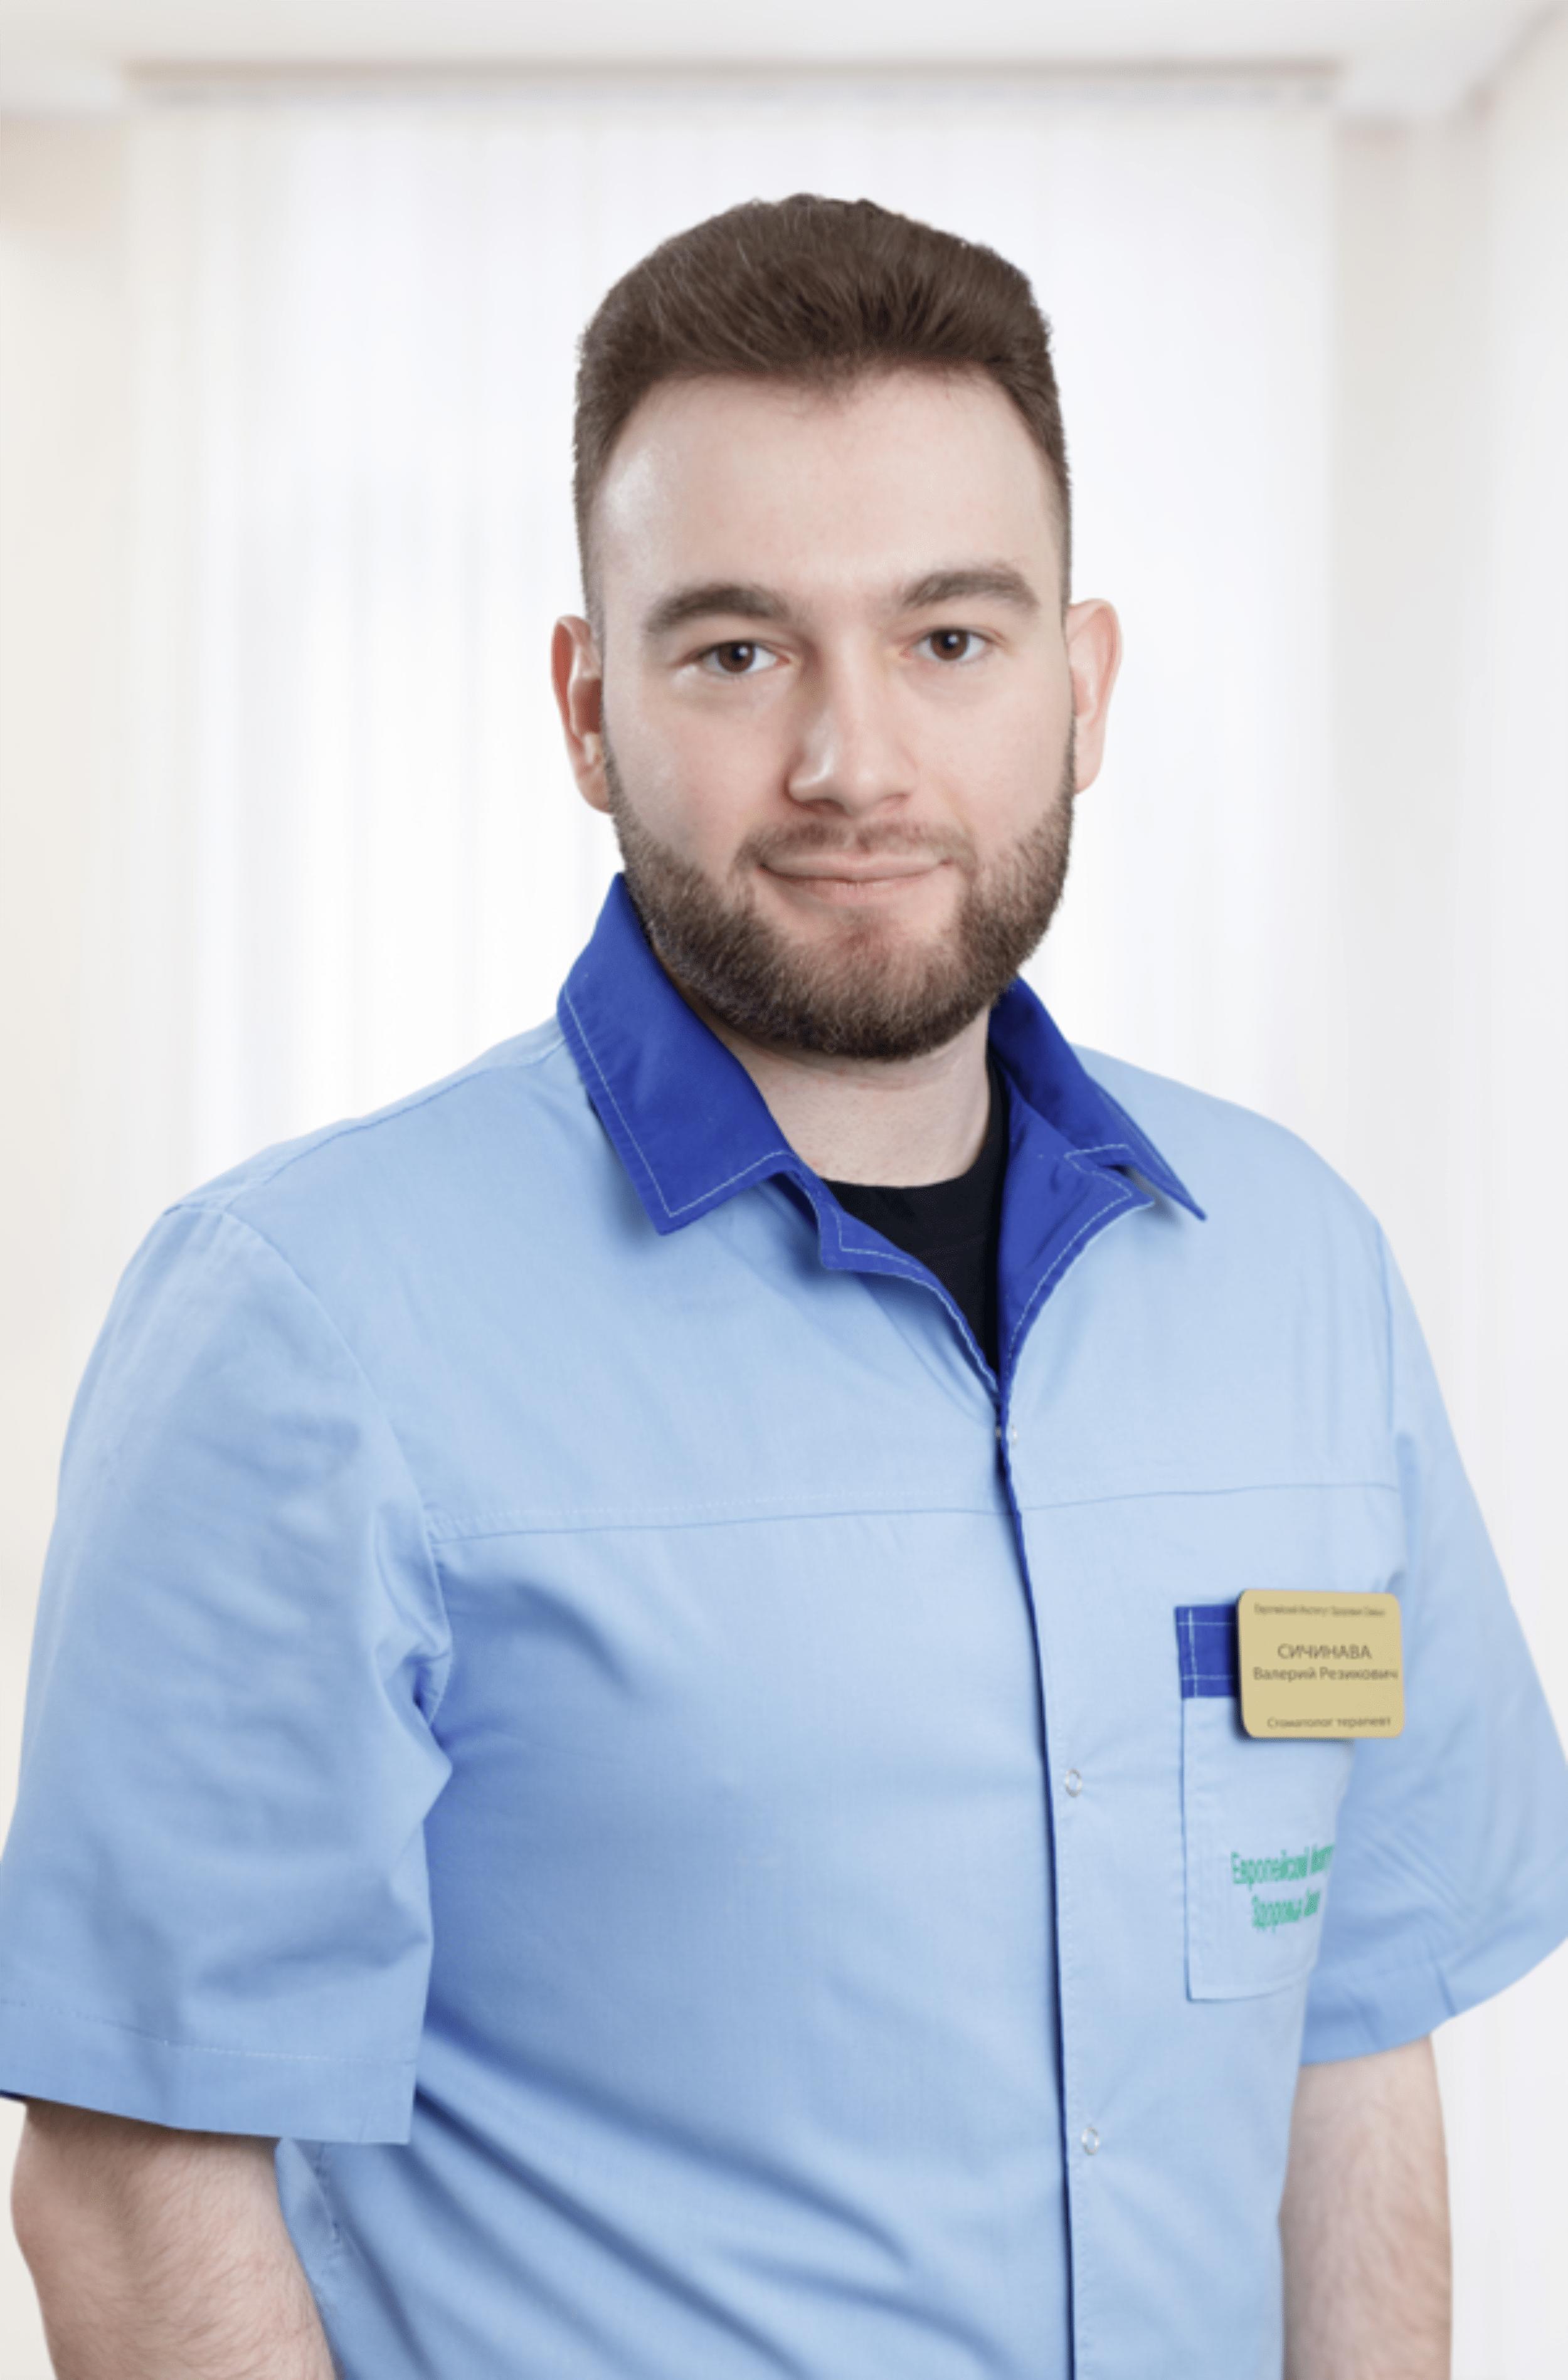 Сичинава Валерий Резикович : Стоматолог терапевт